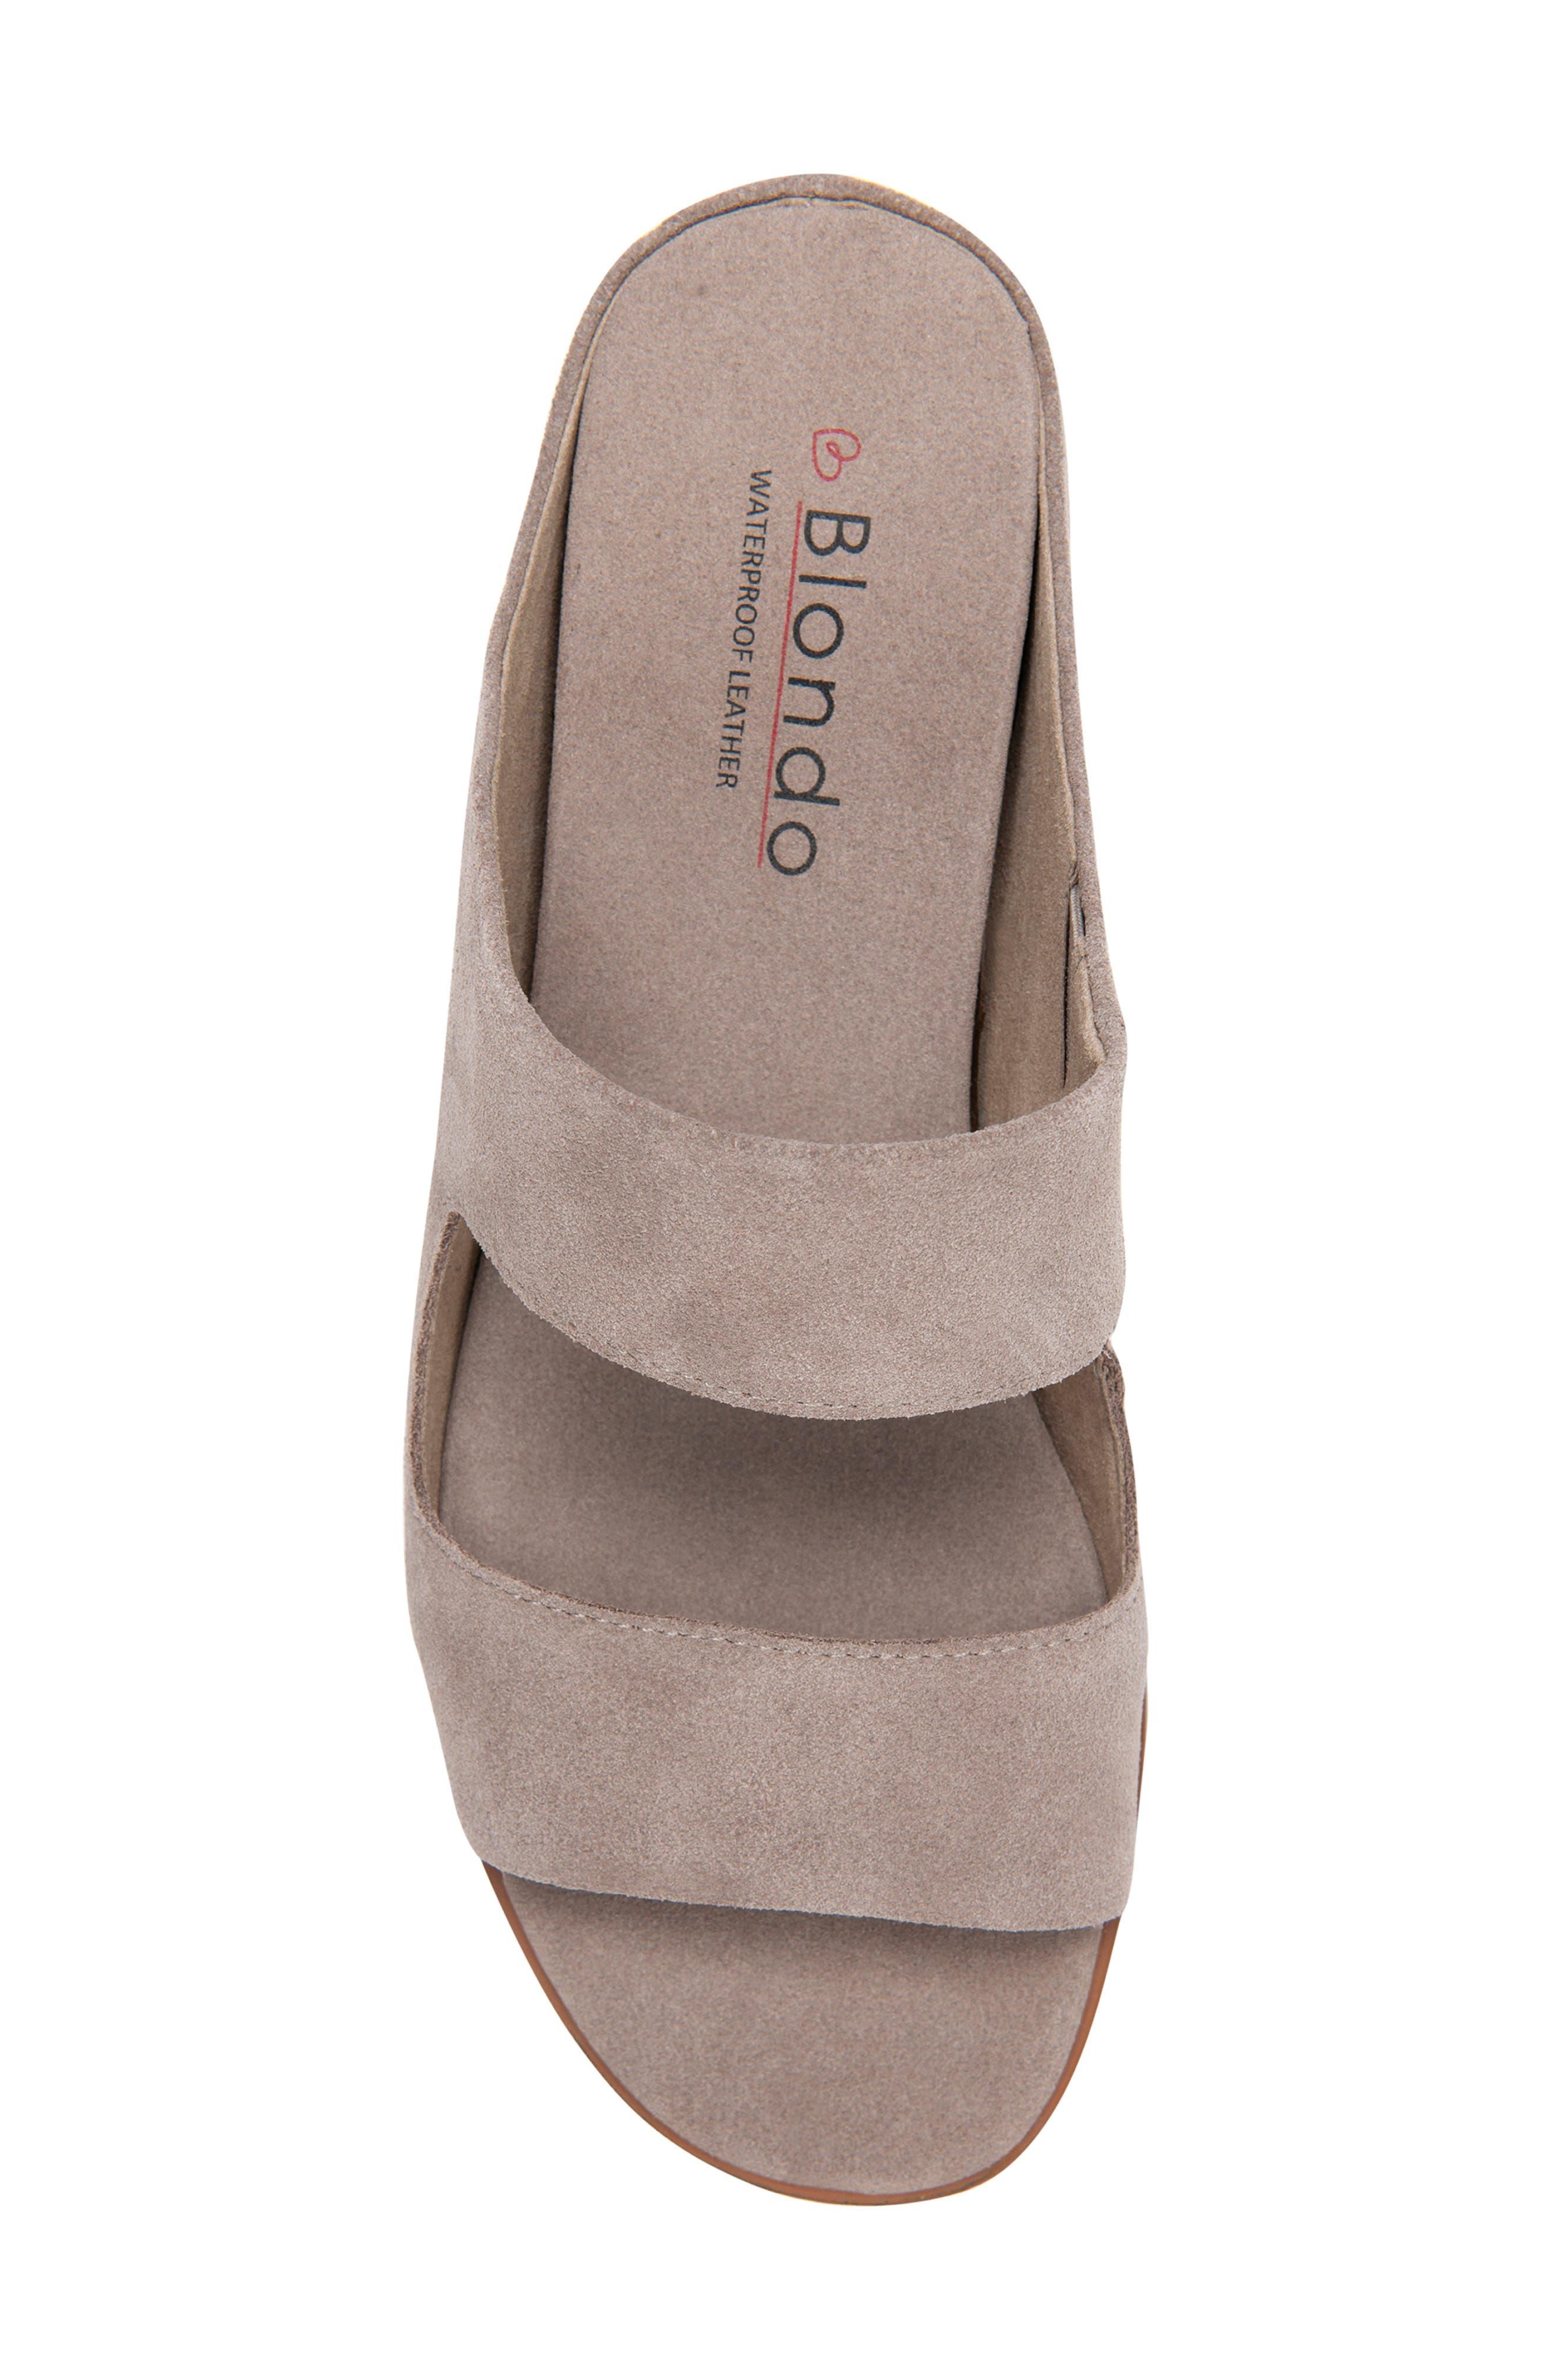 Blondo | Sage Waterproof Slide Sandal